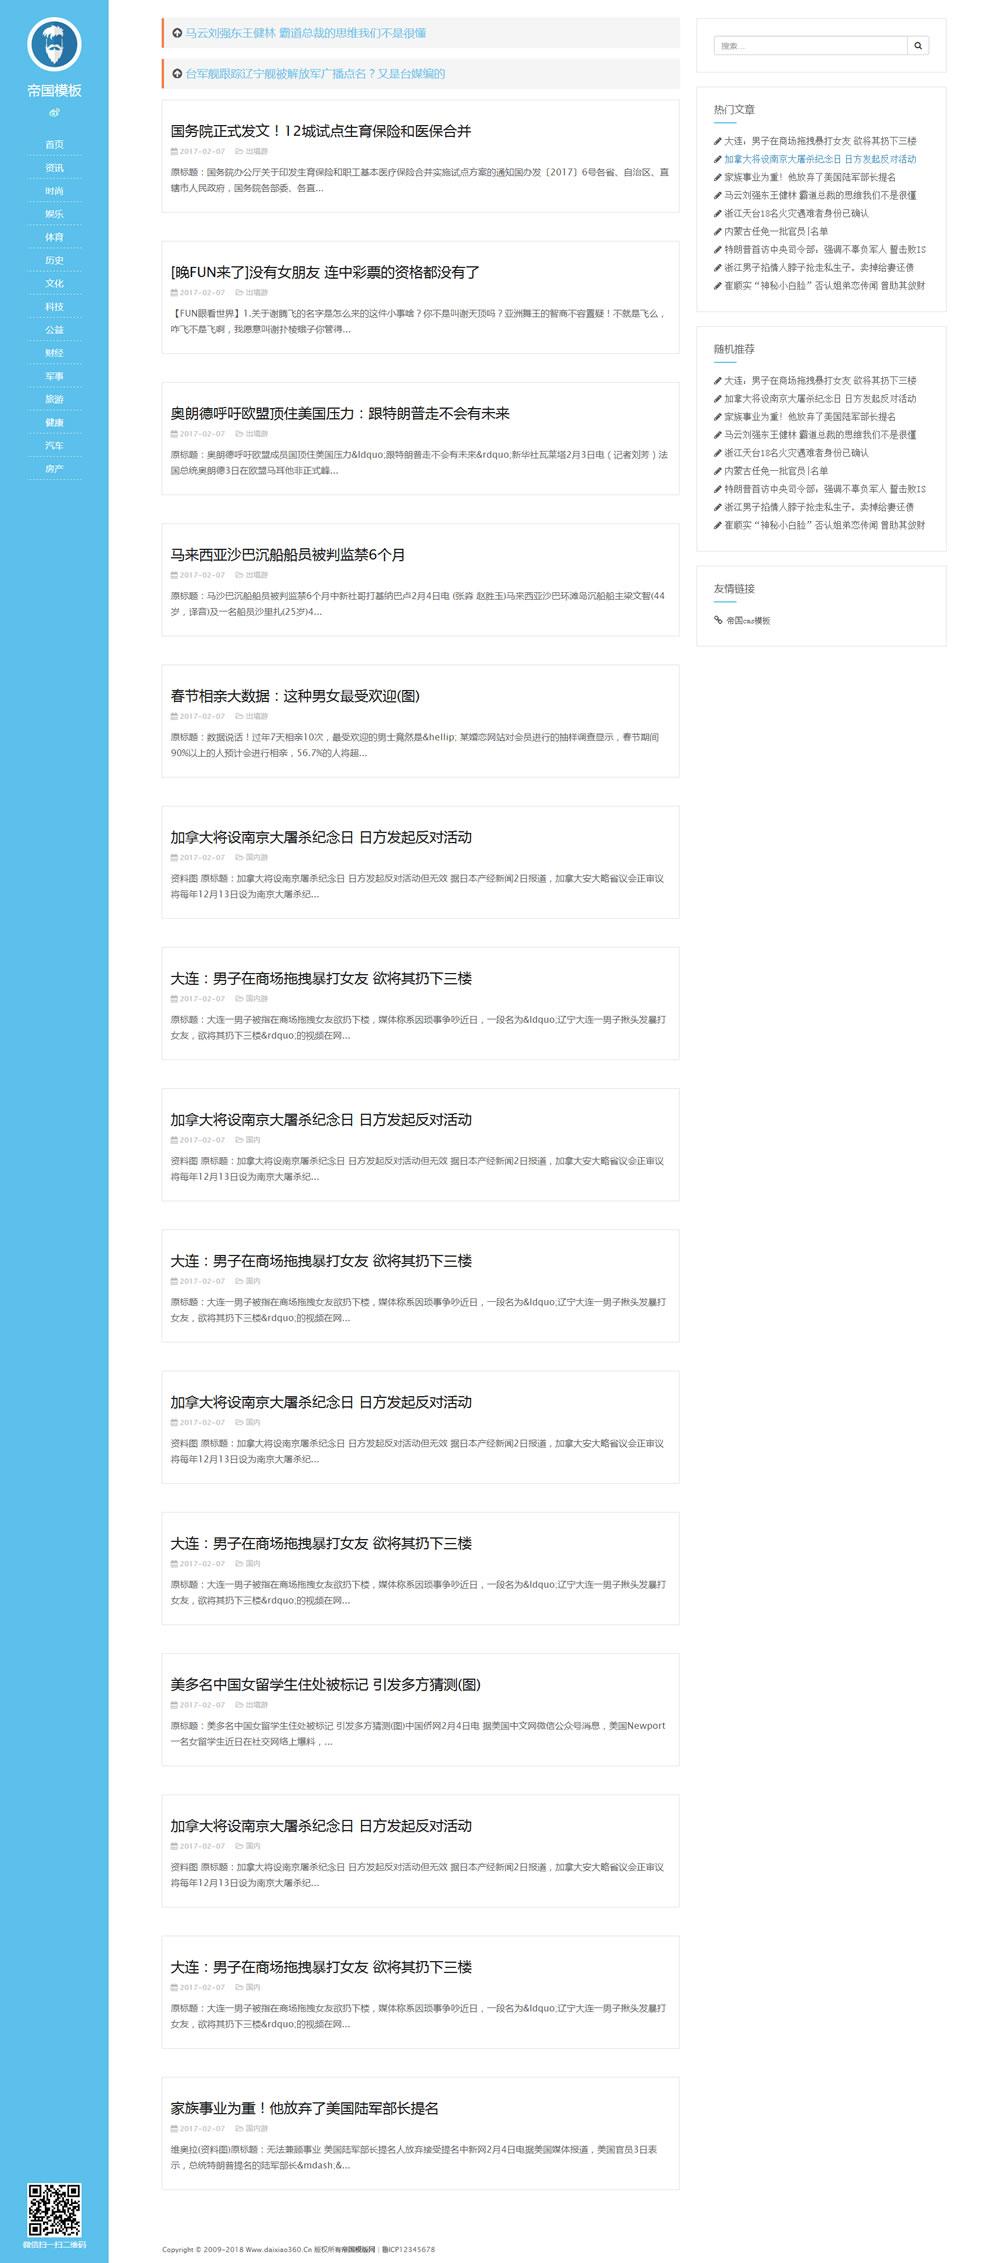 帝国cms全屏自适应手机版新闻文章资讯个人博客网站模板_首页模板